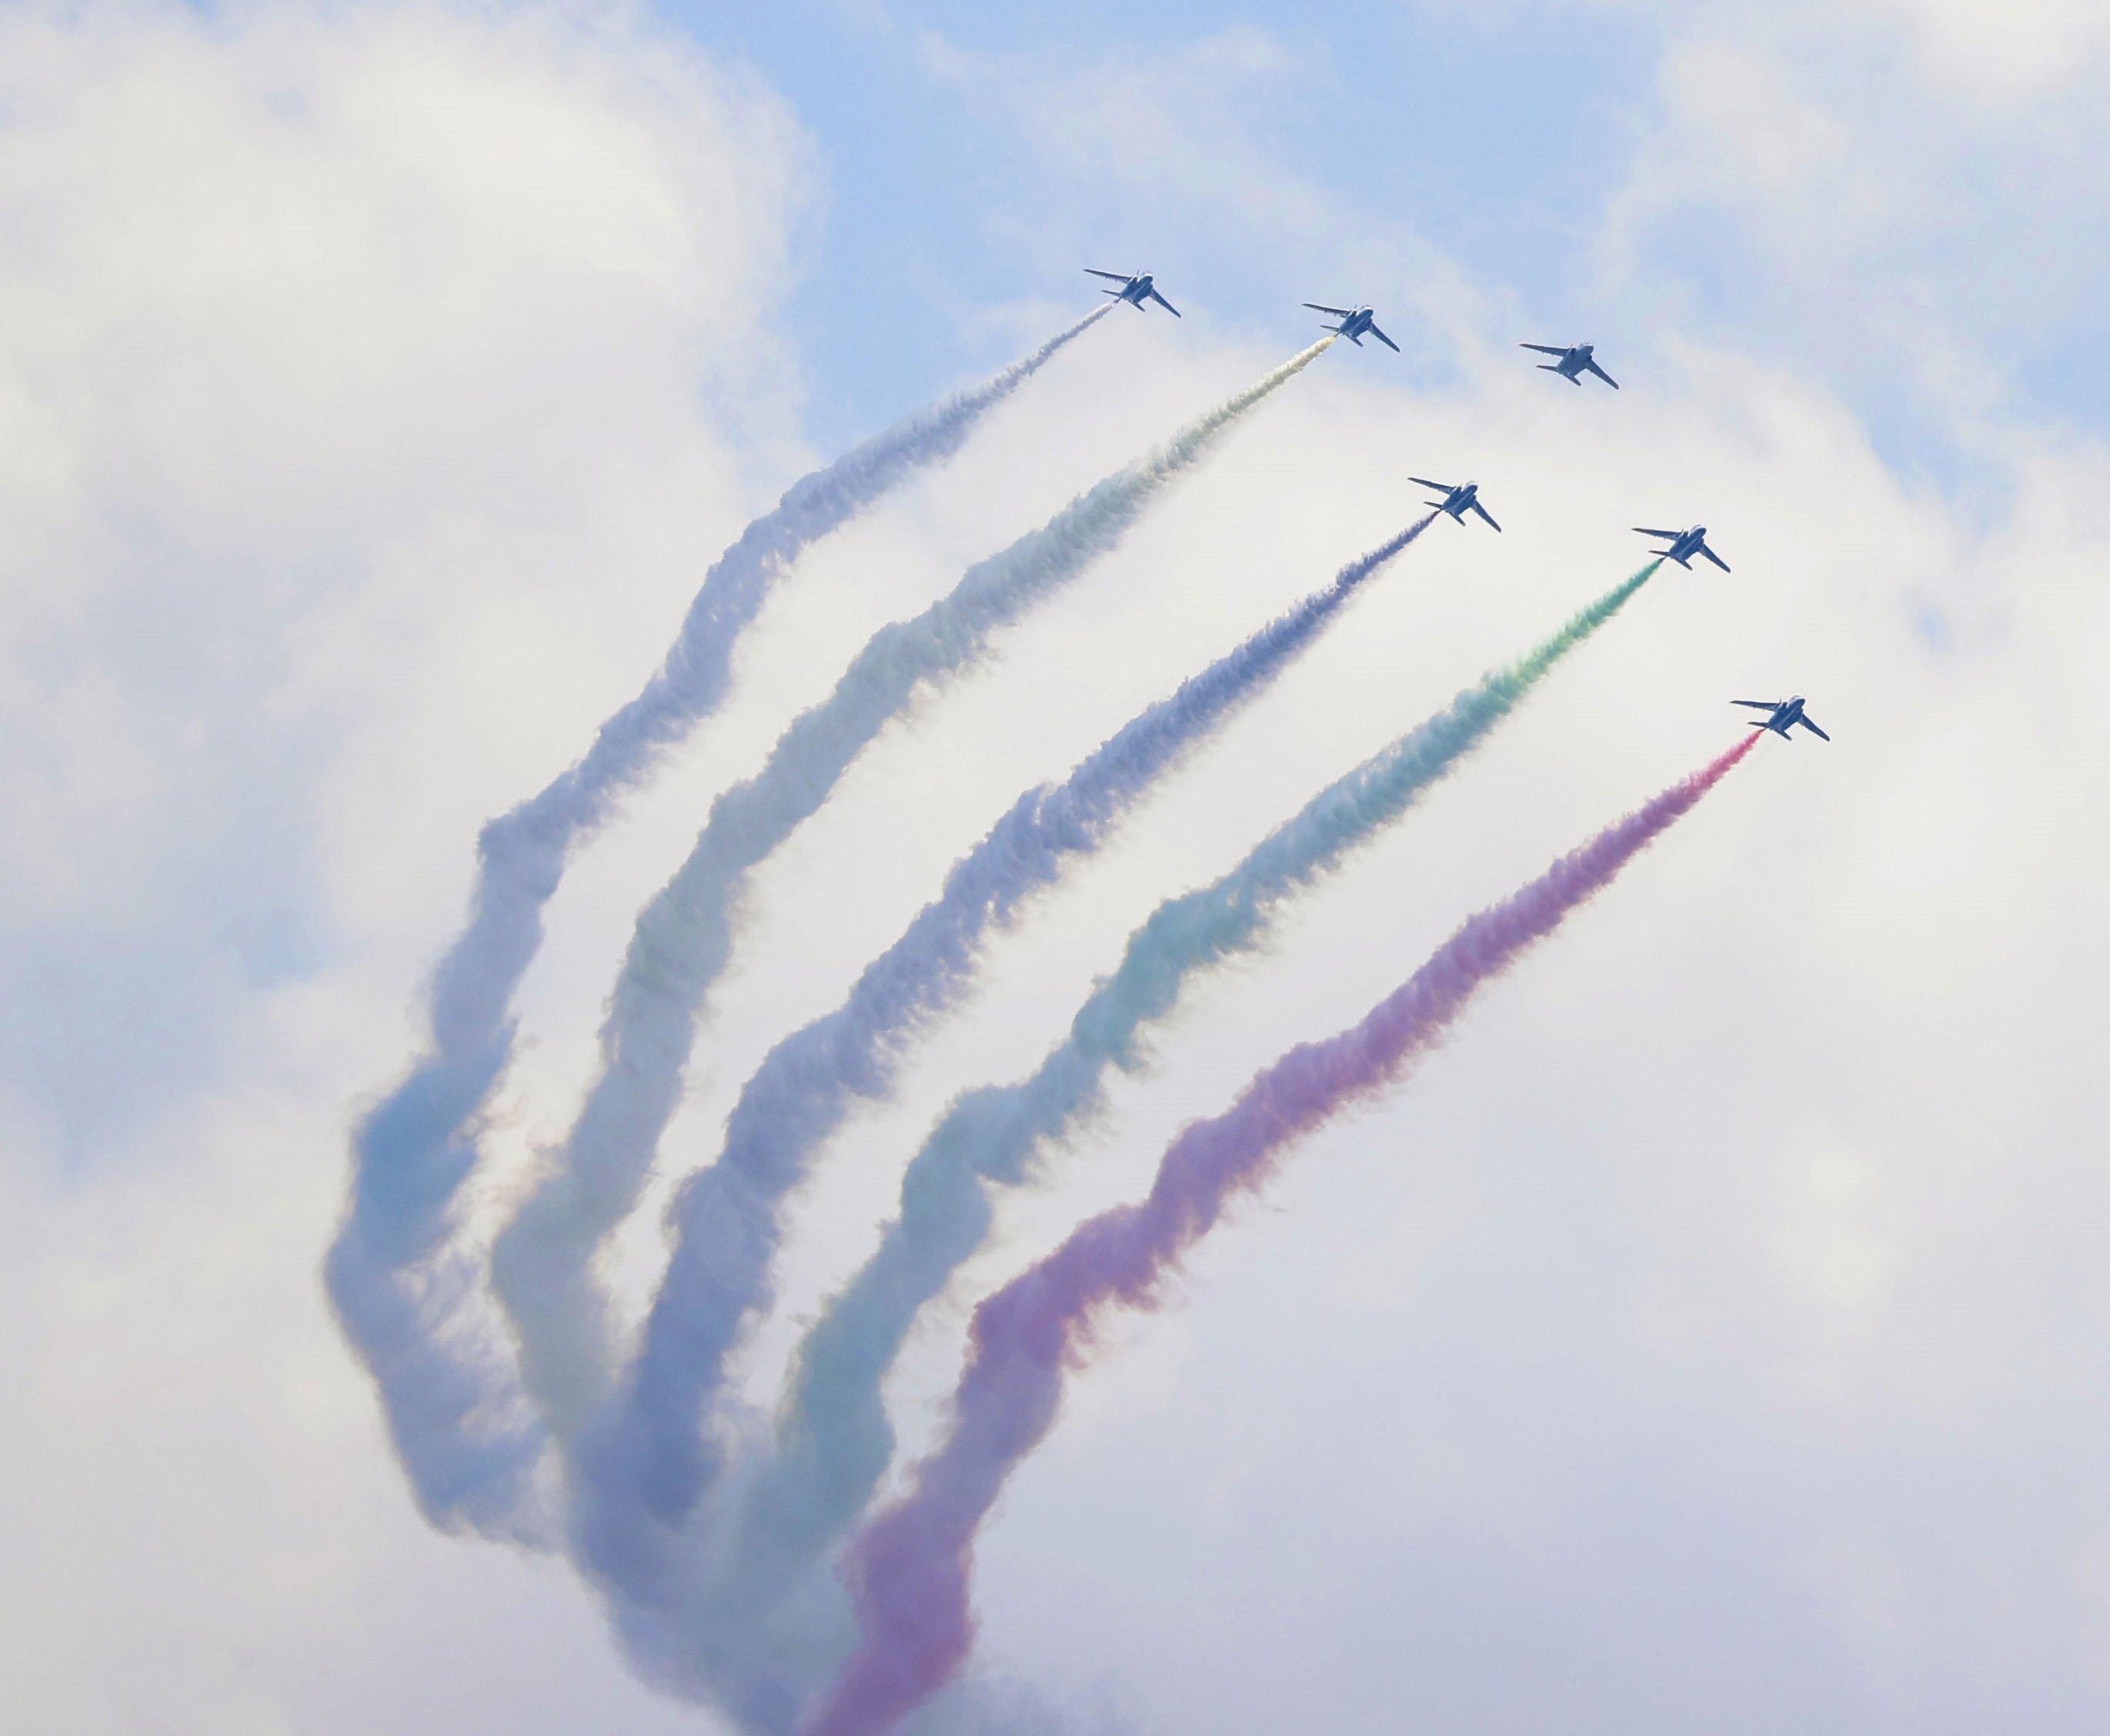 5色のカラースモークを出して都心上空を飛行する航空自衛隊の「ブルーインパルス」=23日午後0時42分、東京都港区